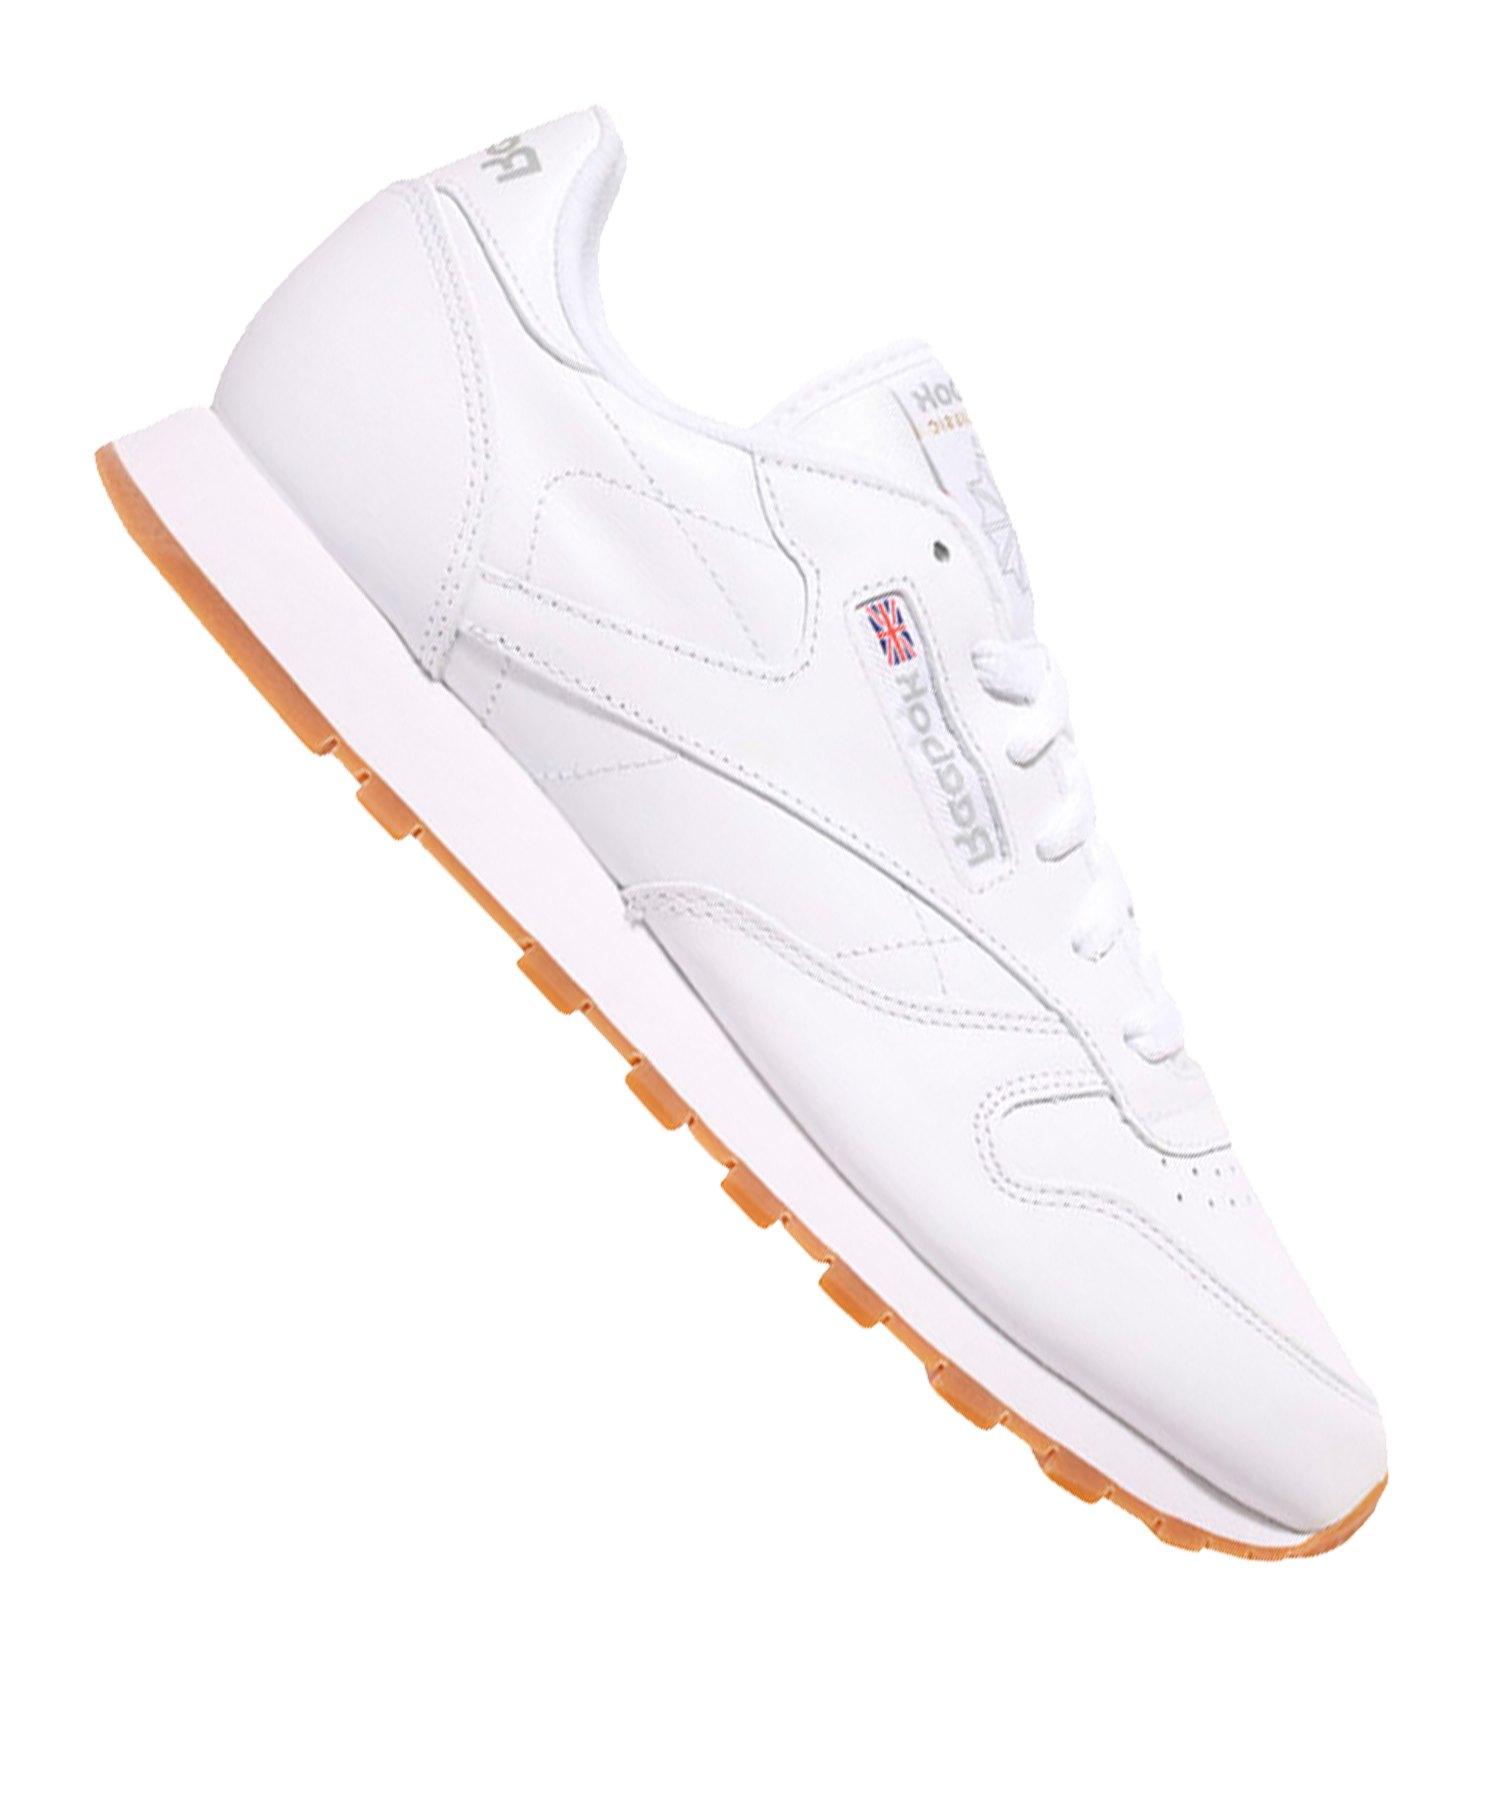 Reebok Classic Leather Sneaker Damen Weiss - weiss